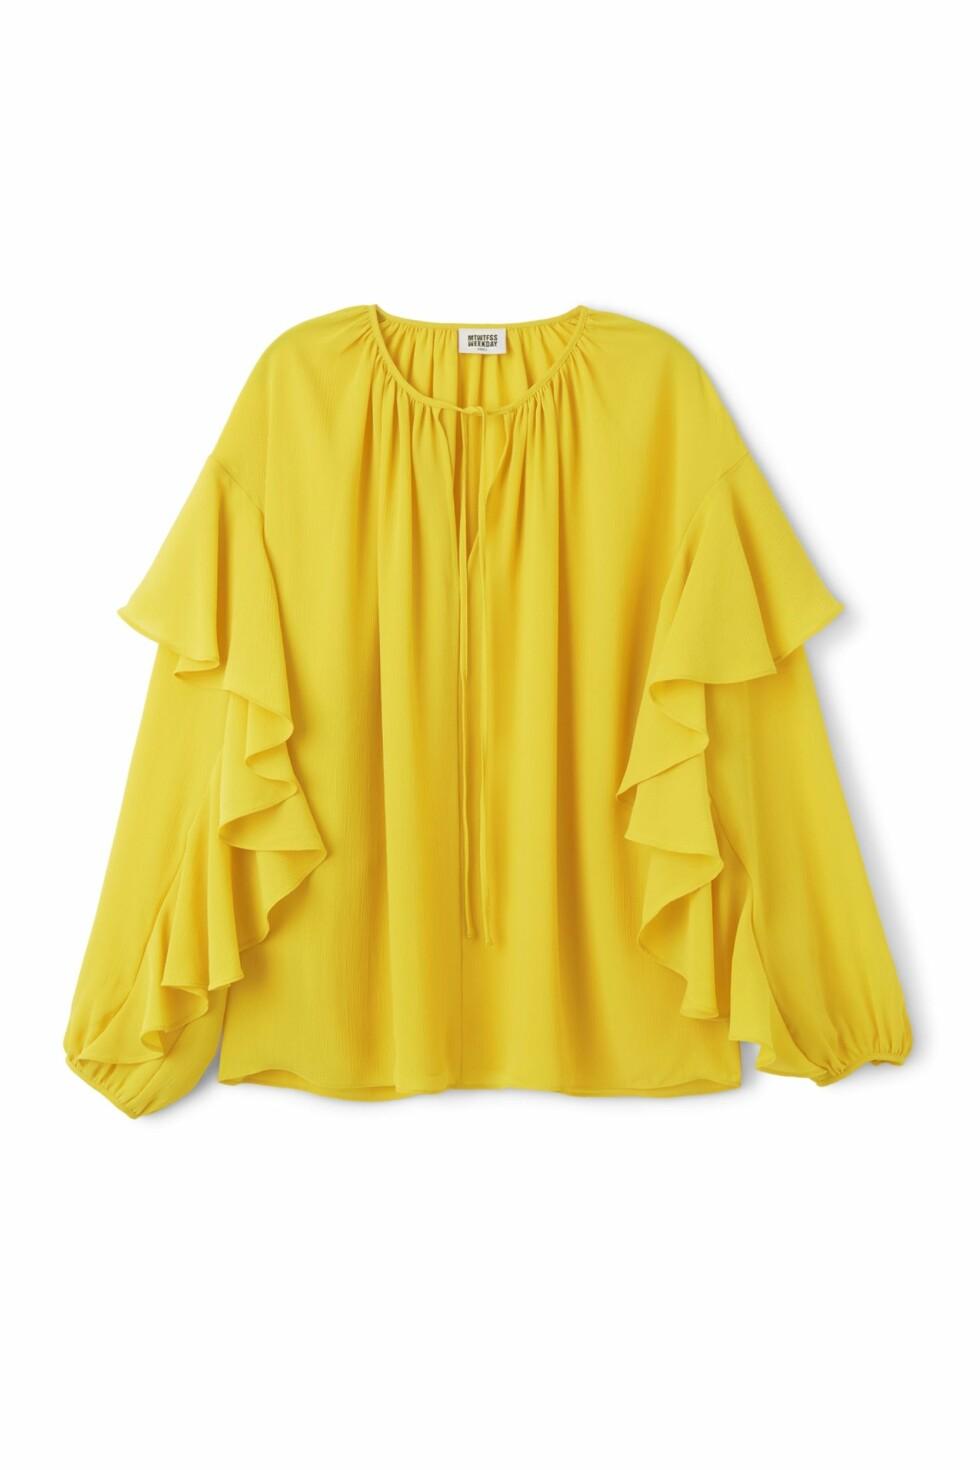 <strong>Bluse fra Weekday | kr 450 | http:</strong>//apprl.com/en/pd/4Krp/